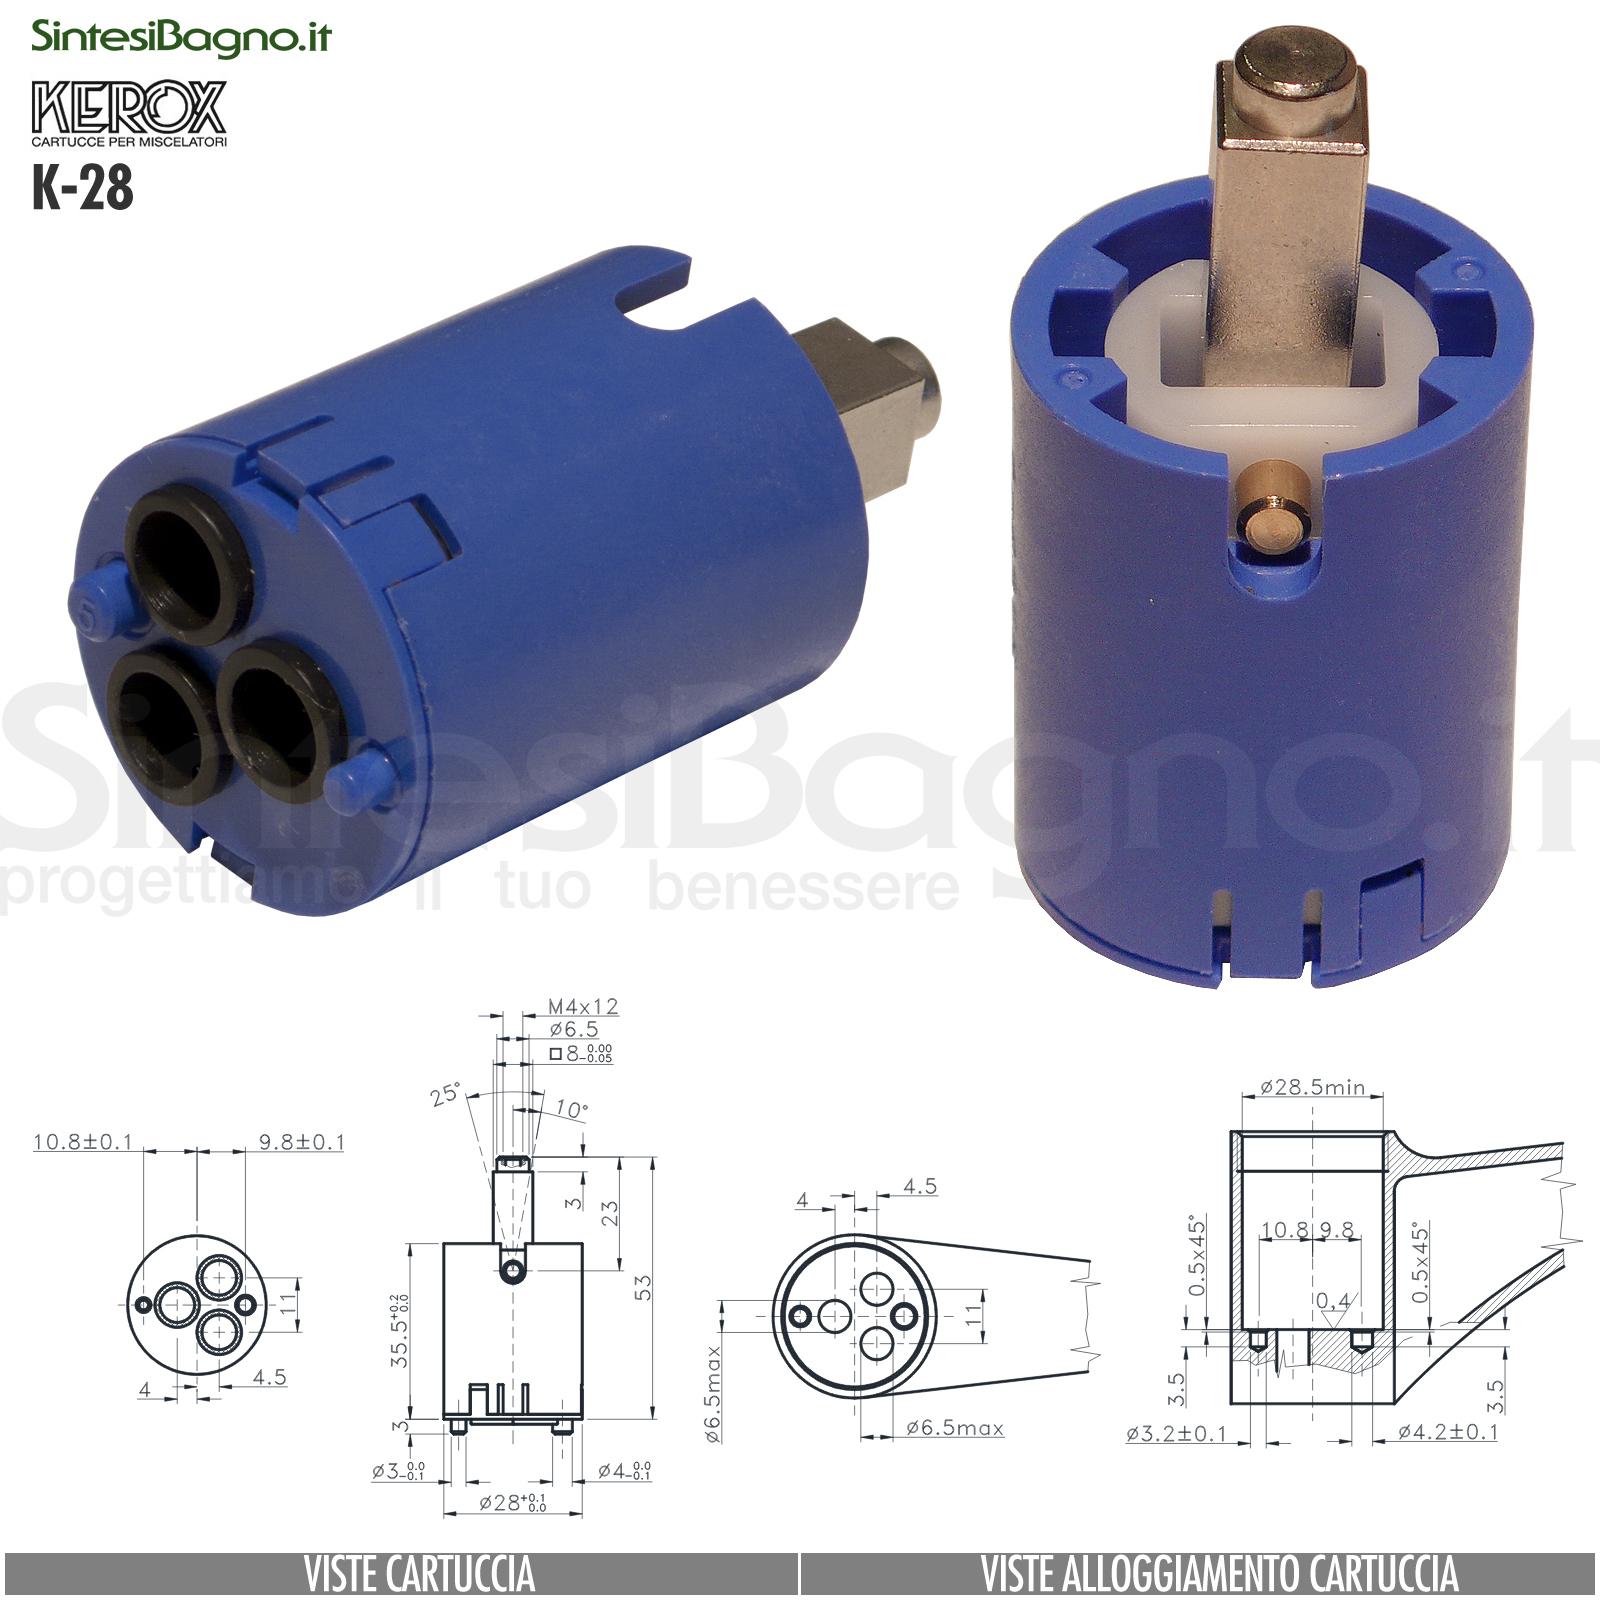 KEROX K 28 | Cartuccia KEROX K-28 di ricambio per miscelatore monocomando Ø 28 mm